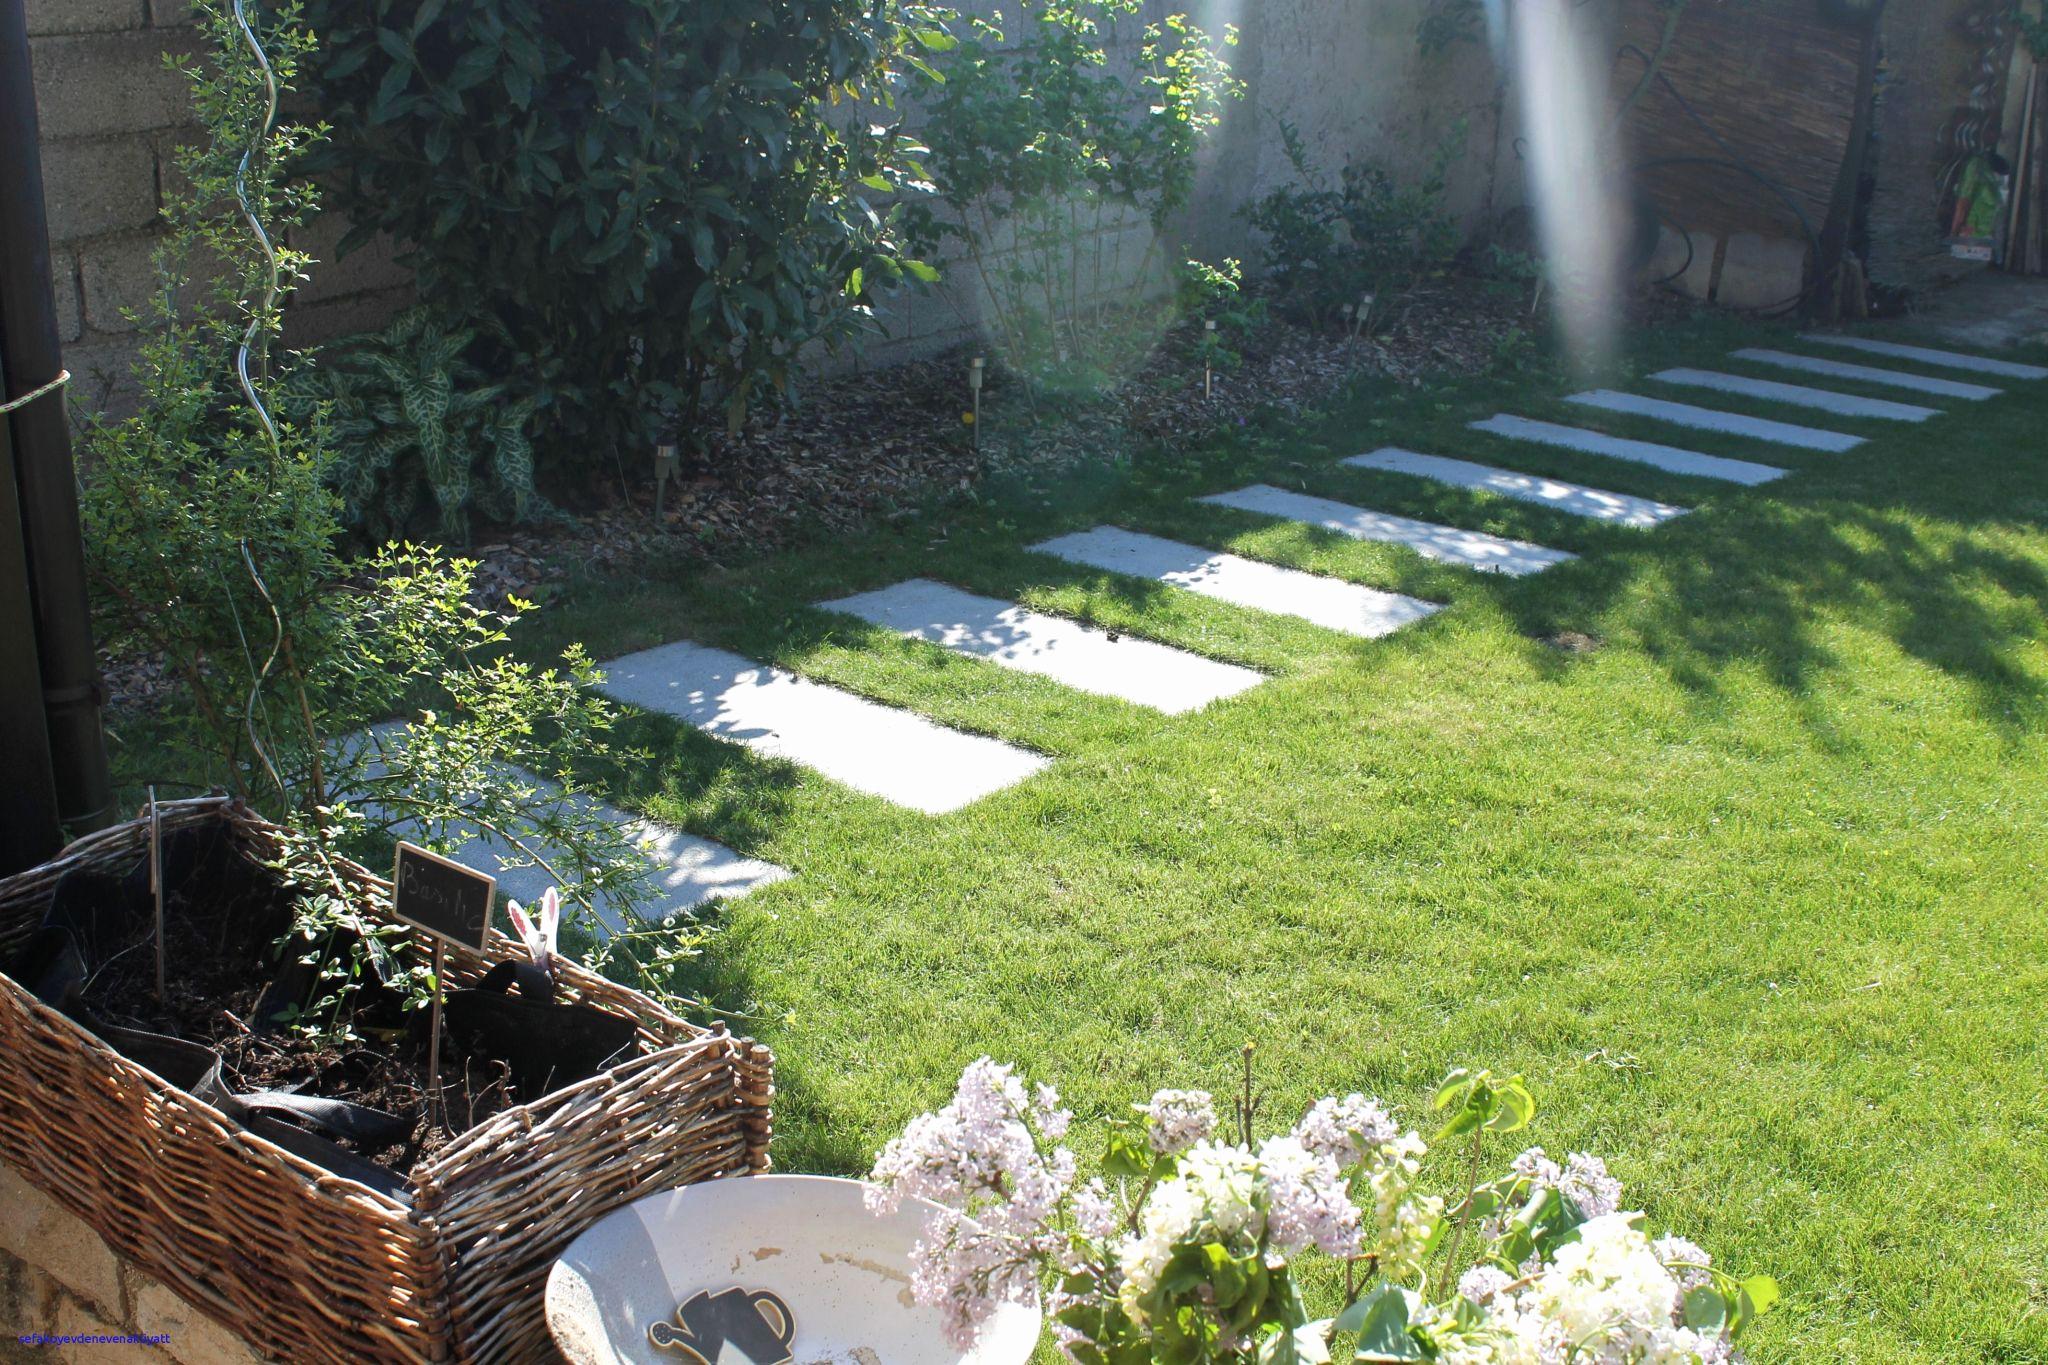 evier d exterieur pour jardin unique refaire jardin paysagiste avec jardin fleuri frais evier de jardin of evier d exterieur pour jardin